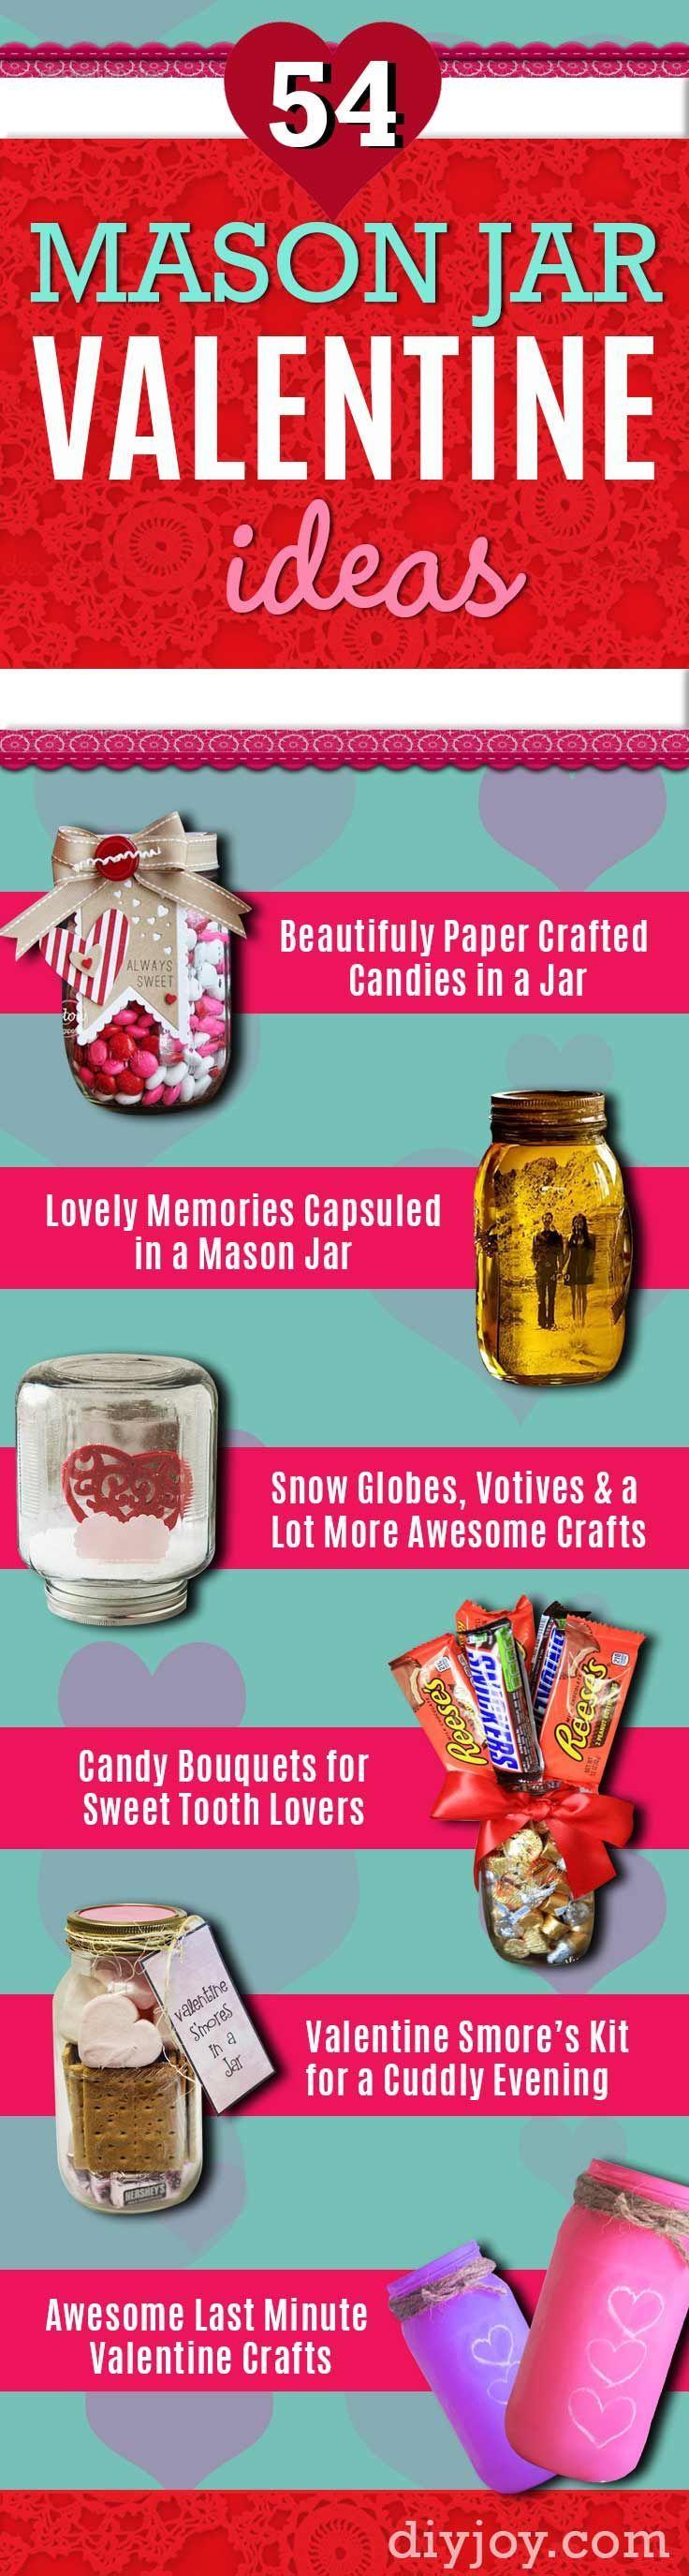 42+ Mason jar crafts ideas for her ideas